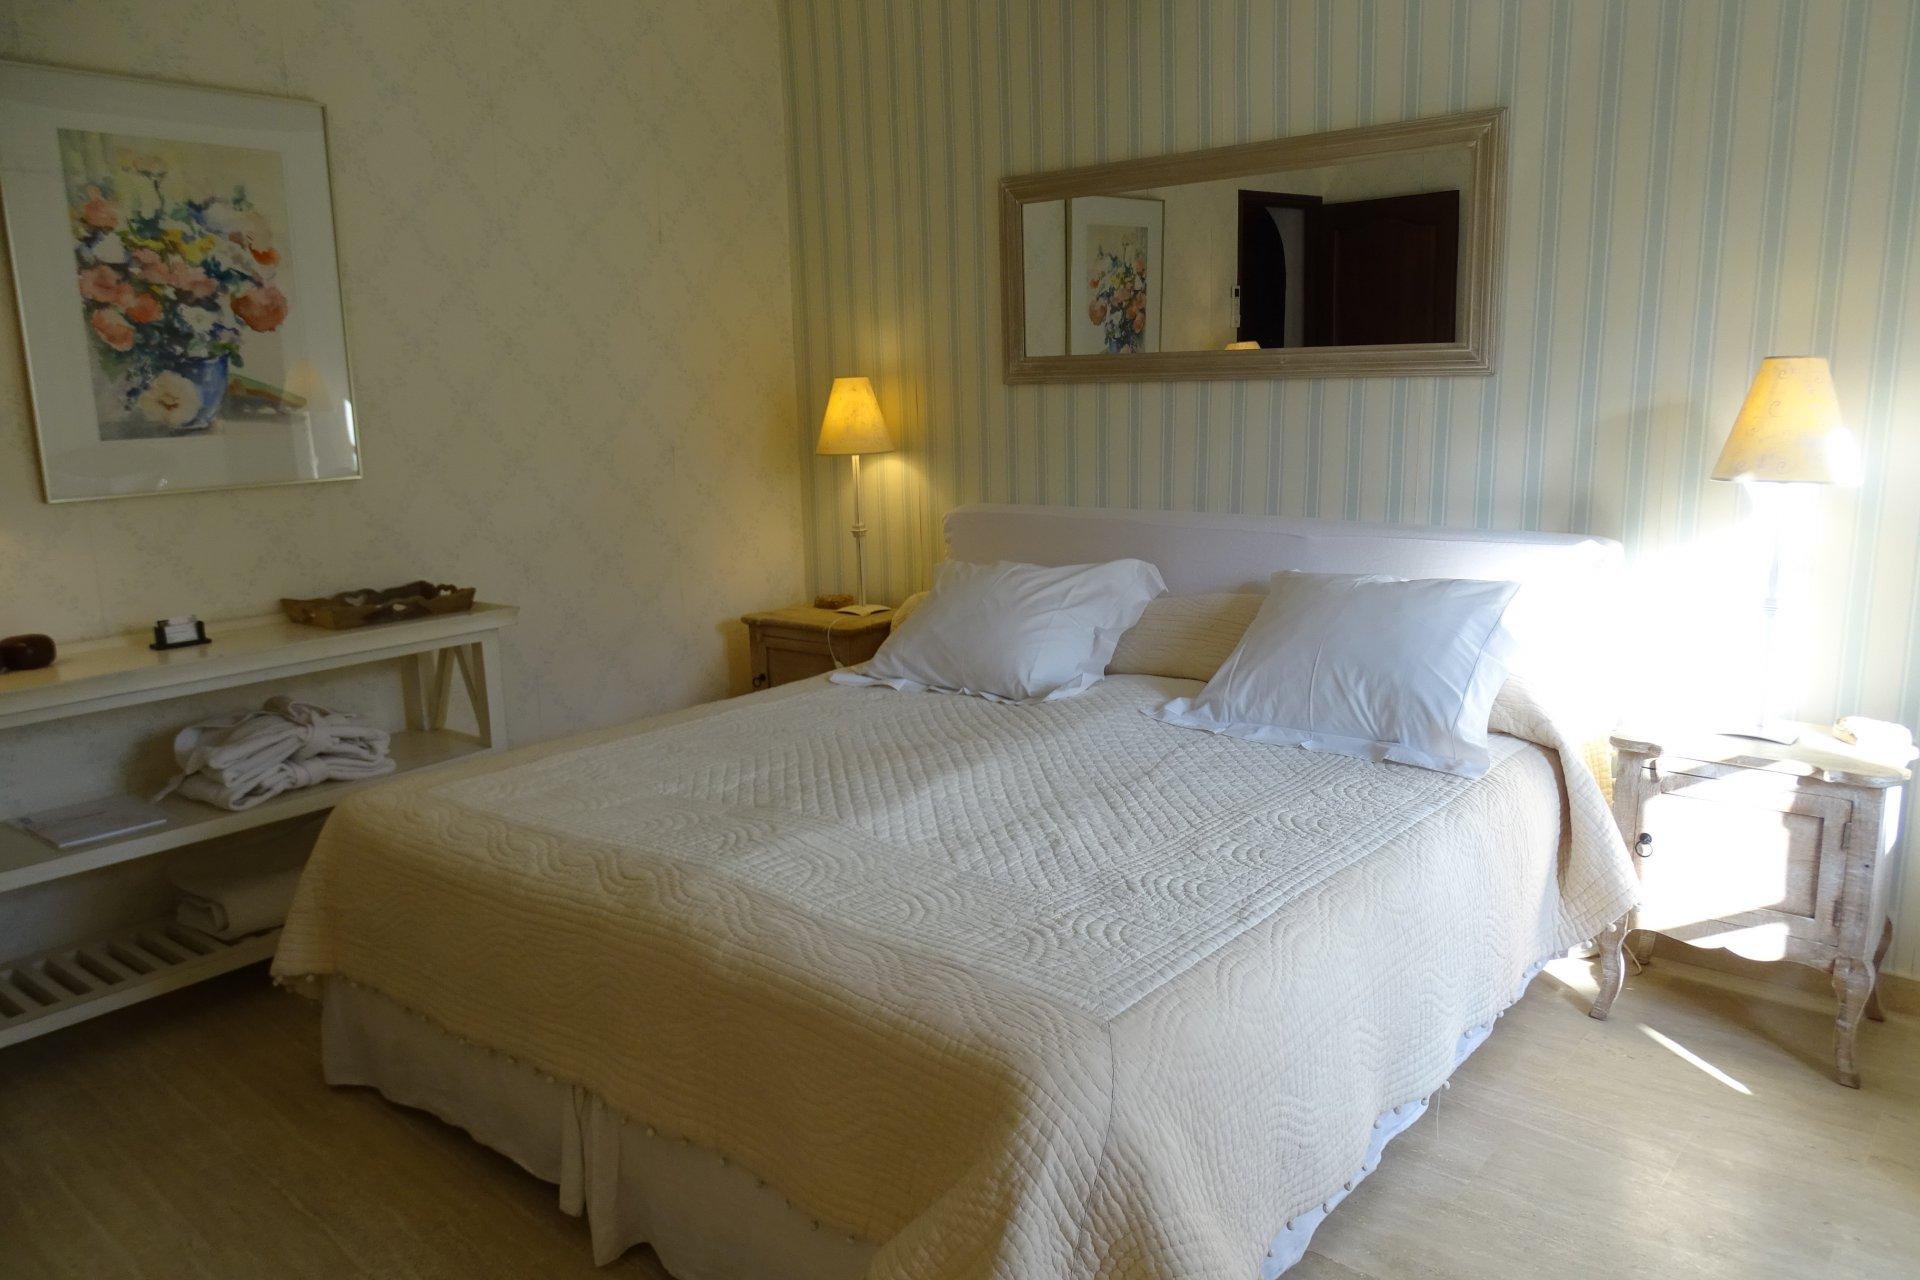 Bedroom, natural light, wood floors